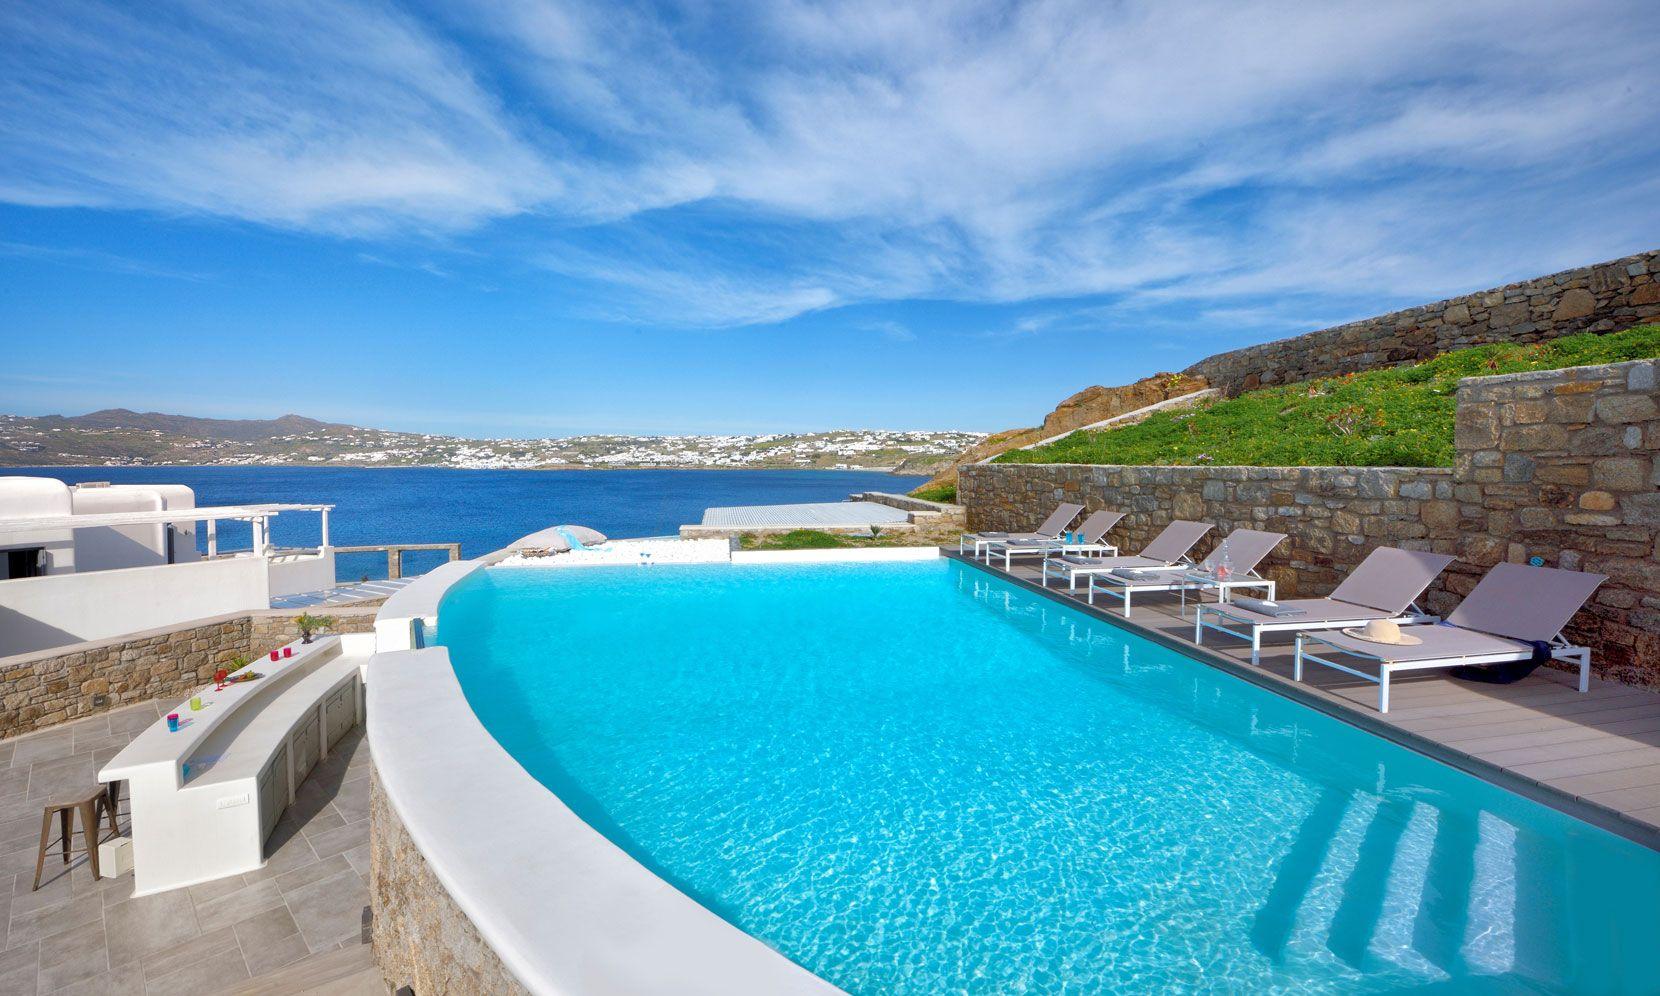 Mykonos Villa Salty 2 jumbotron image